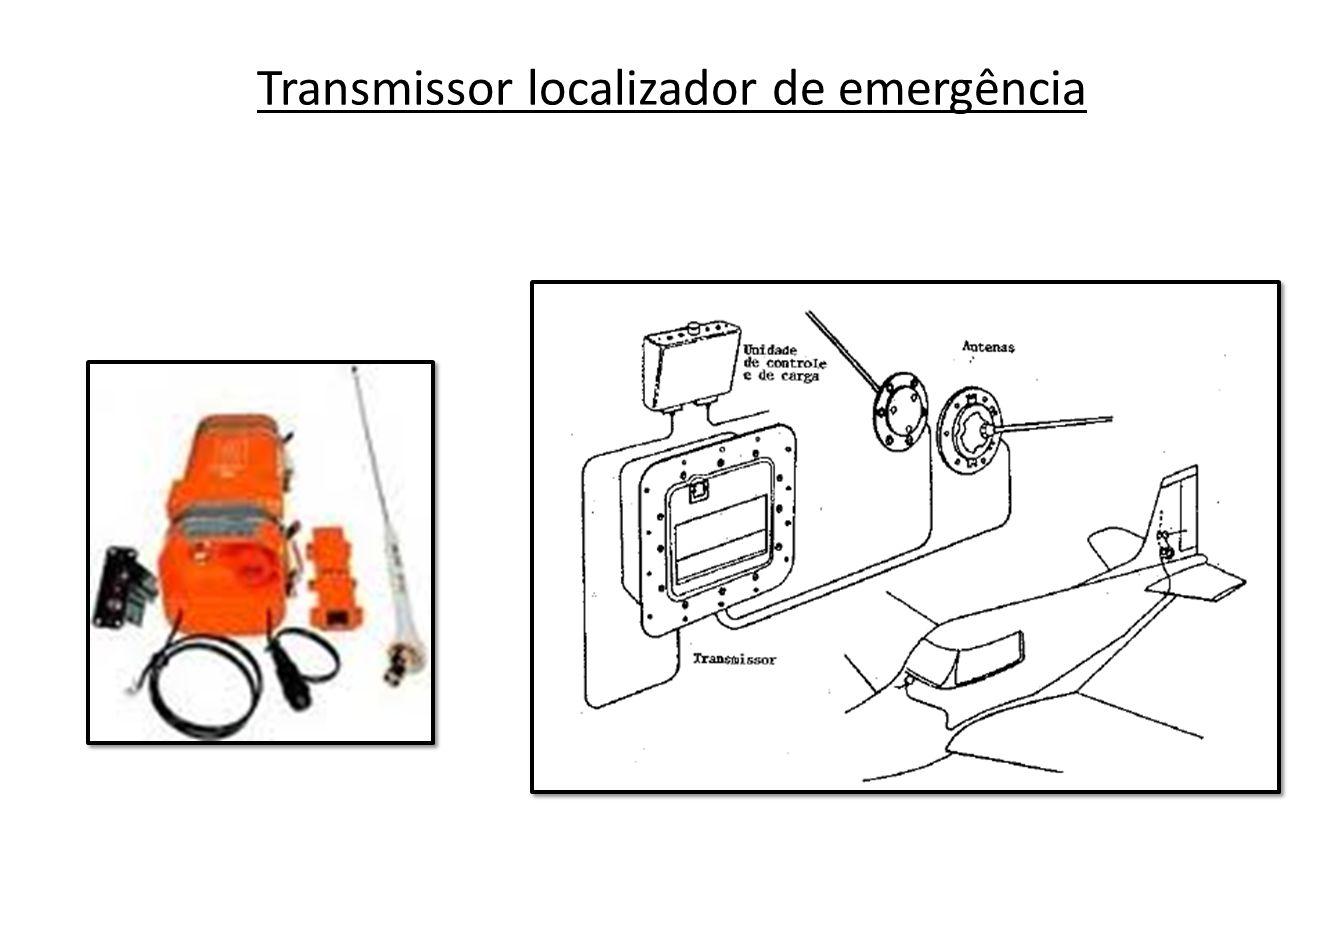 O teste operacional do transmissor de emergência pode ser executado sintonizando-se um receptor de comunicações na frequência de emergência (121,5 MHz) e ativando-se o transmissor através do controle remoto.